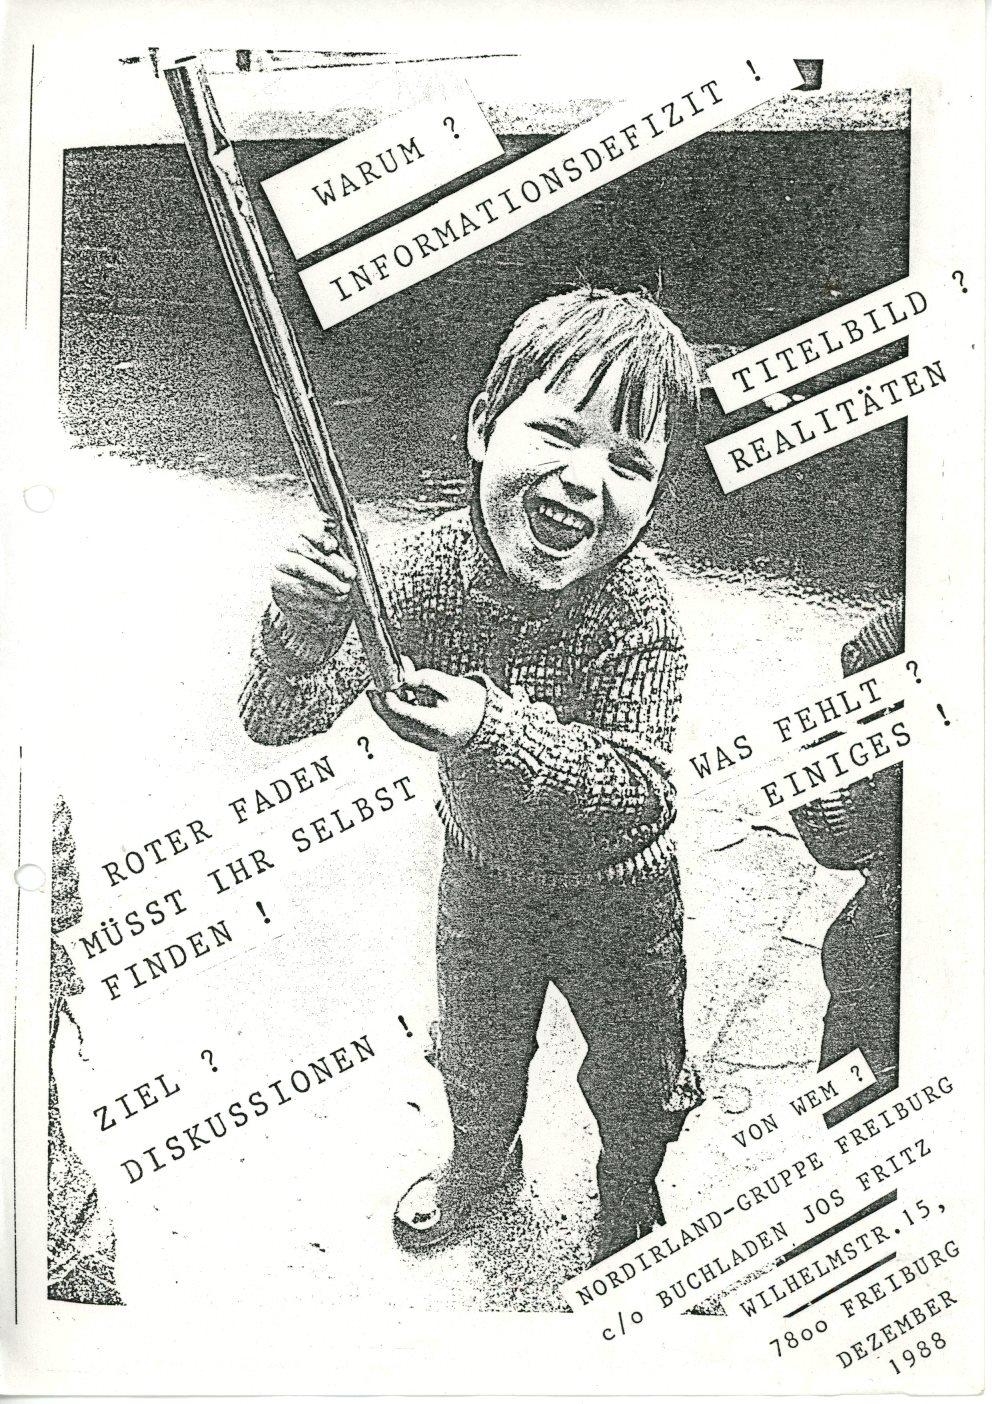 Freiburg_Nordirland_Reader_1988_02